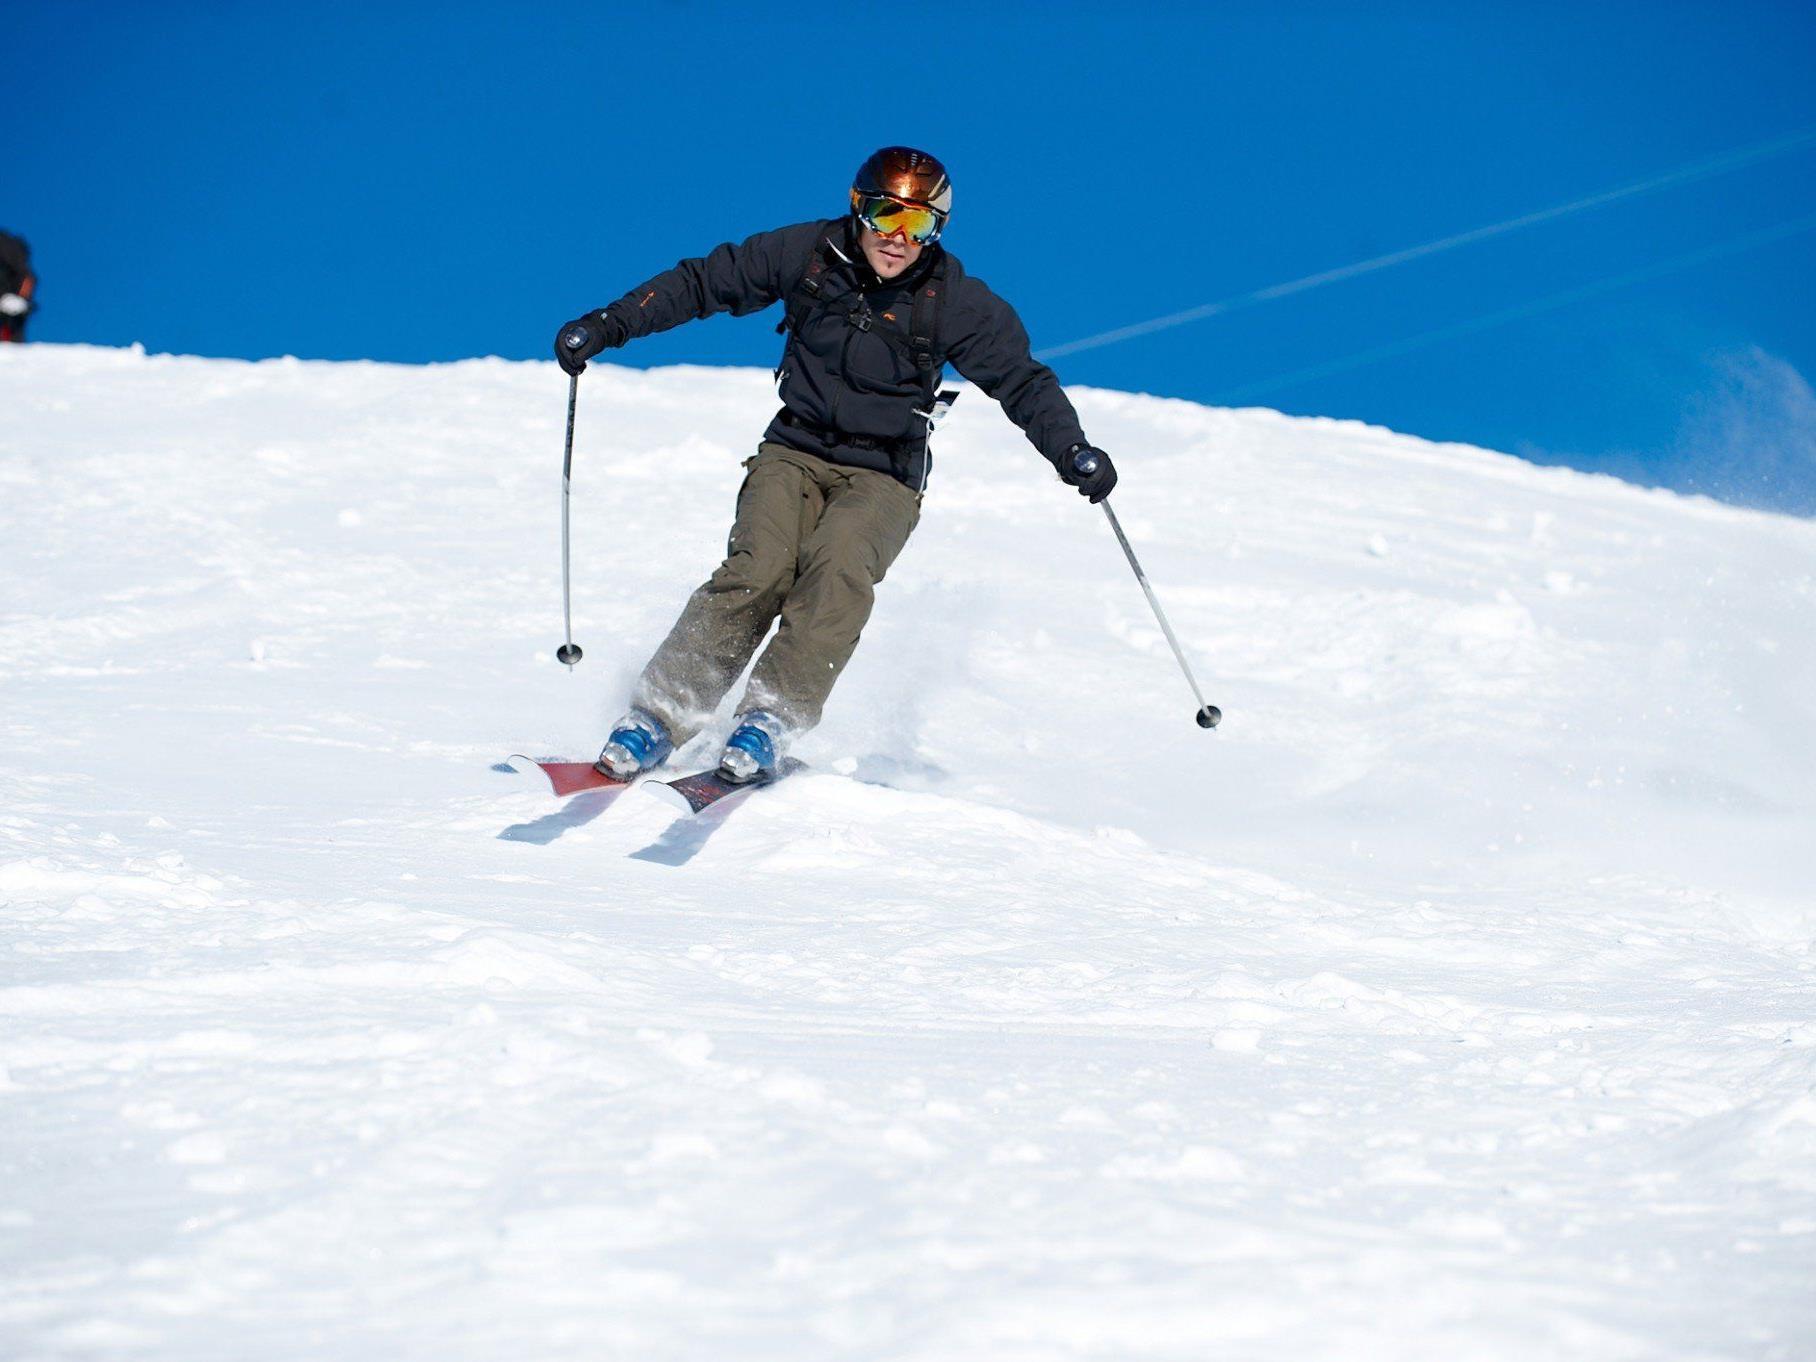 Die FIS-Regeln sind ein wichtiger Beitrag für mehr Sicherheit auf Skipisten.